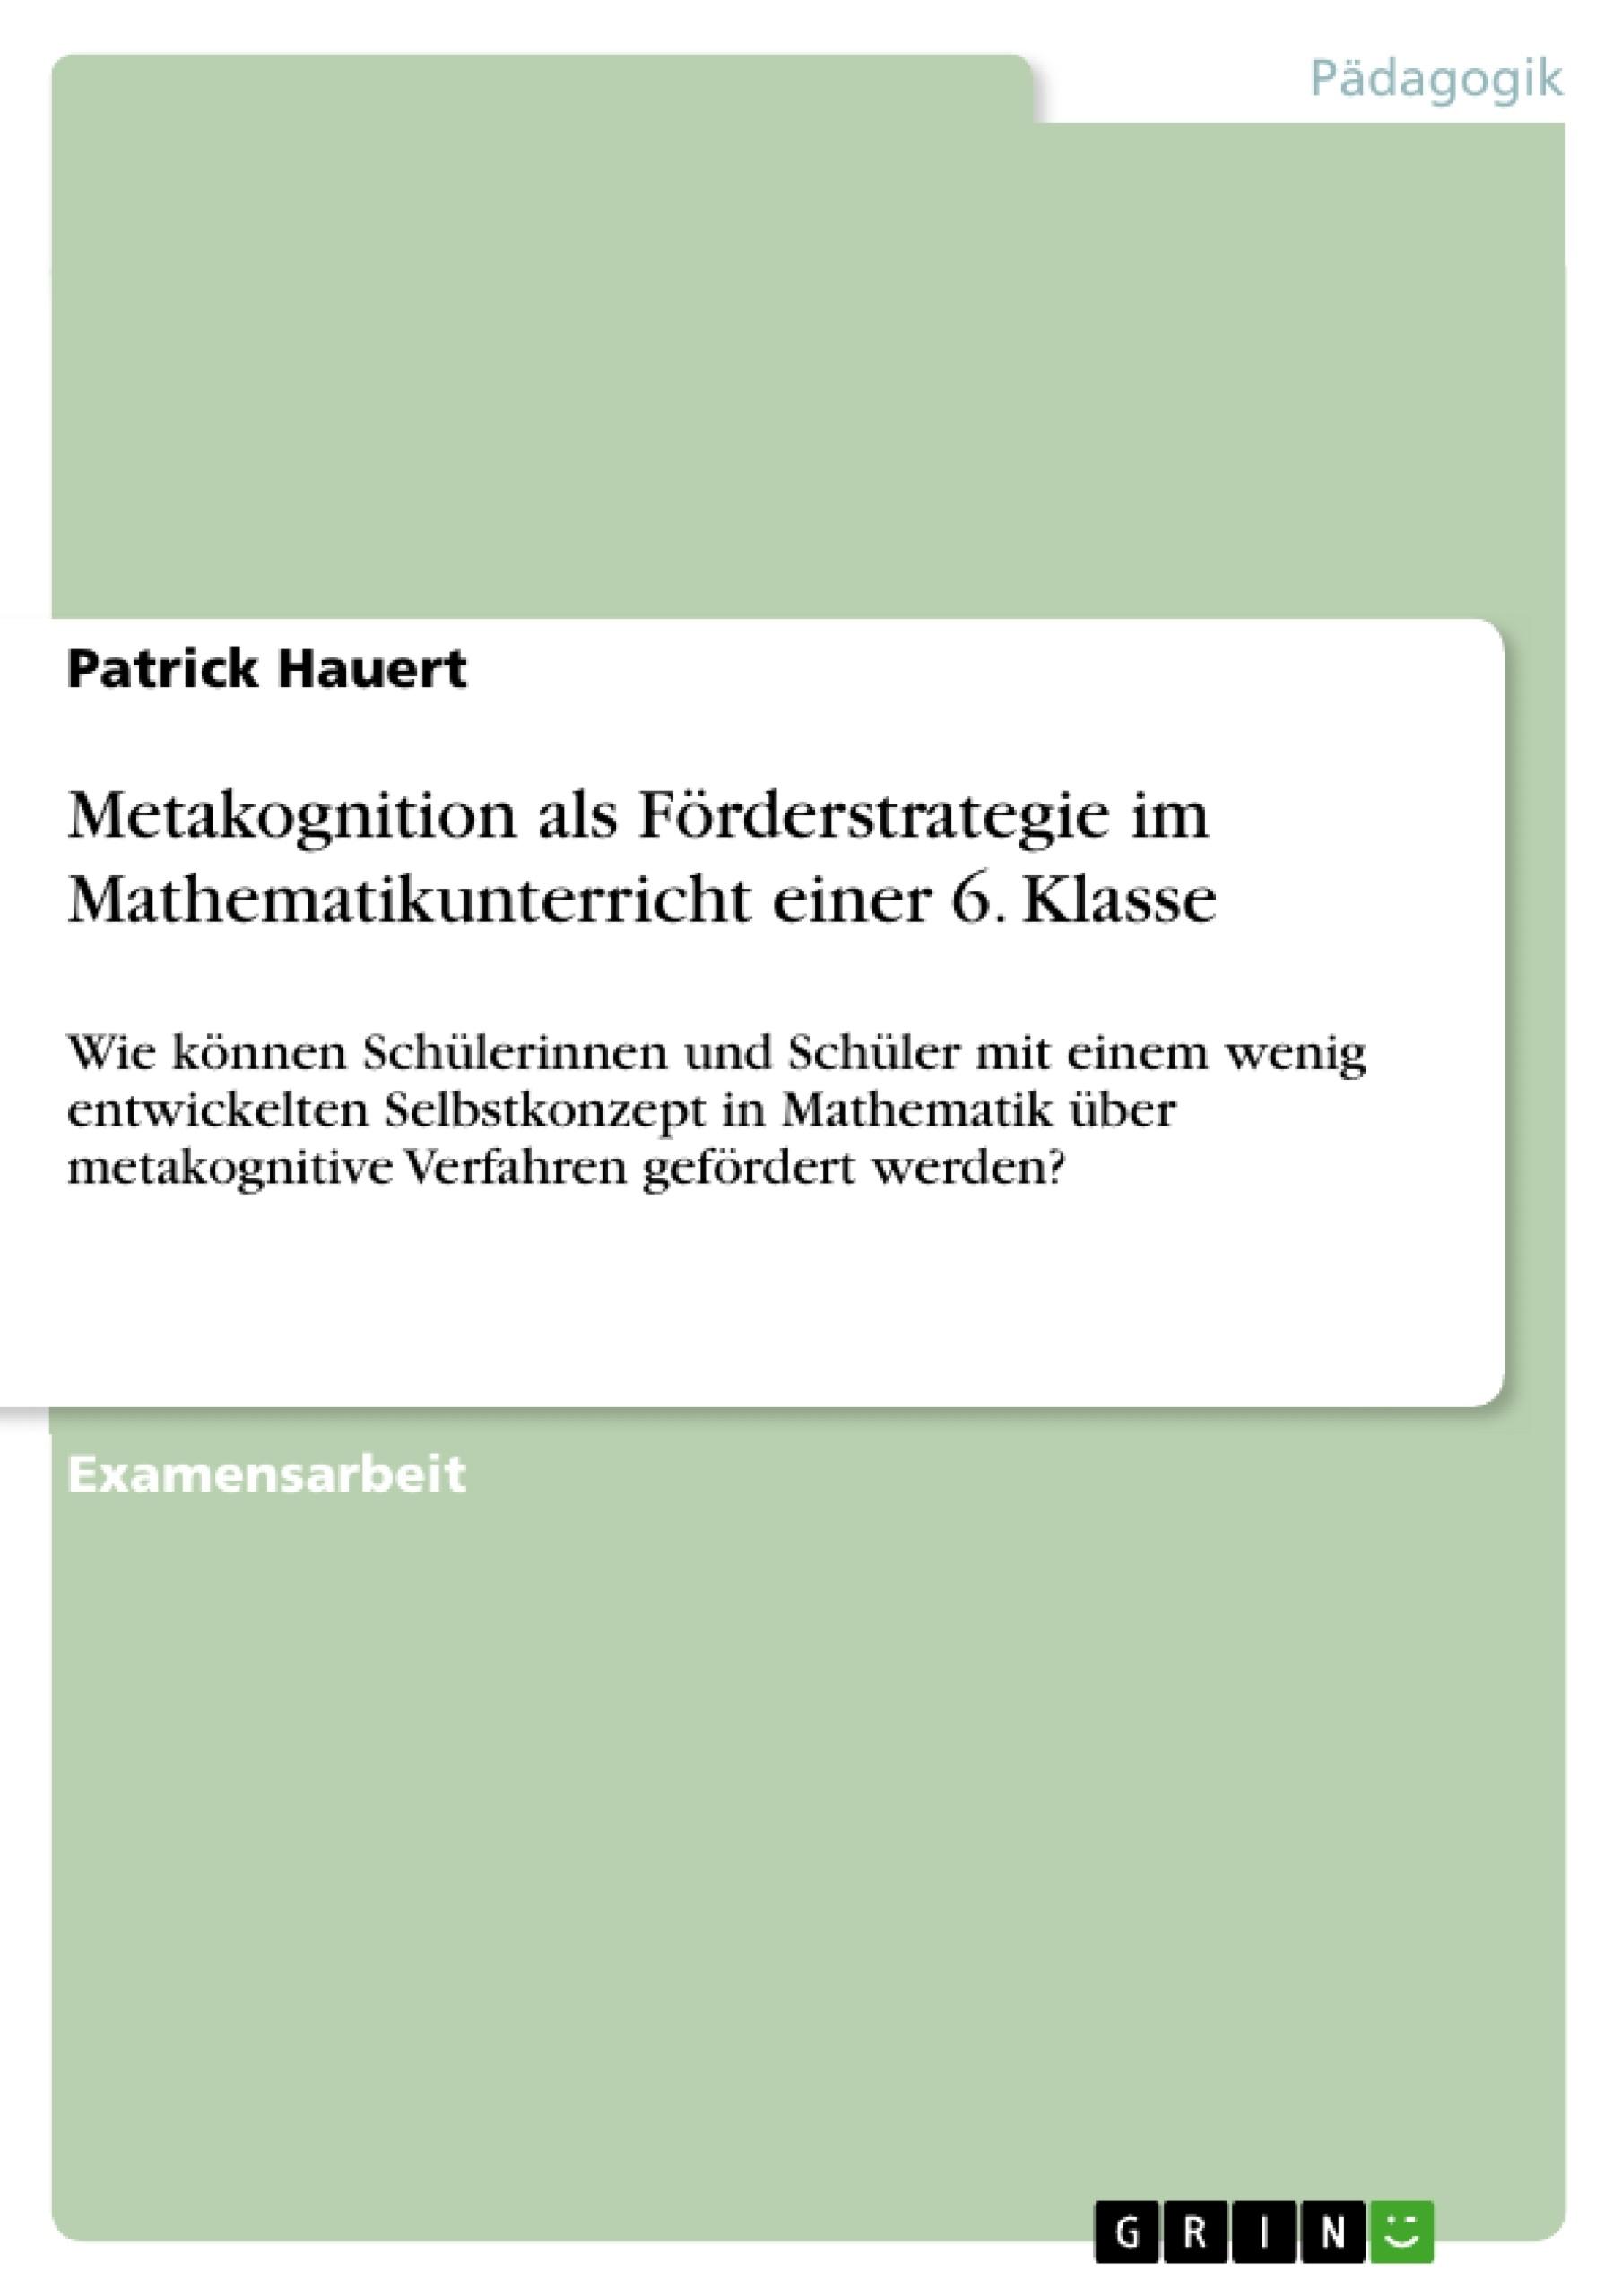 Titel: Metakognition als Förderstrategie im Mathematikunterricht einer 6. Klasse